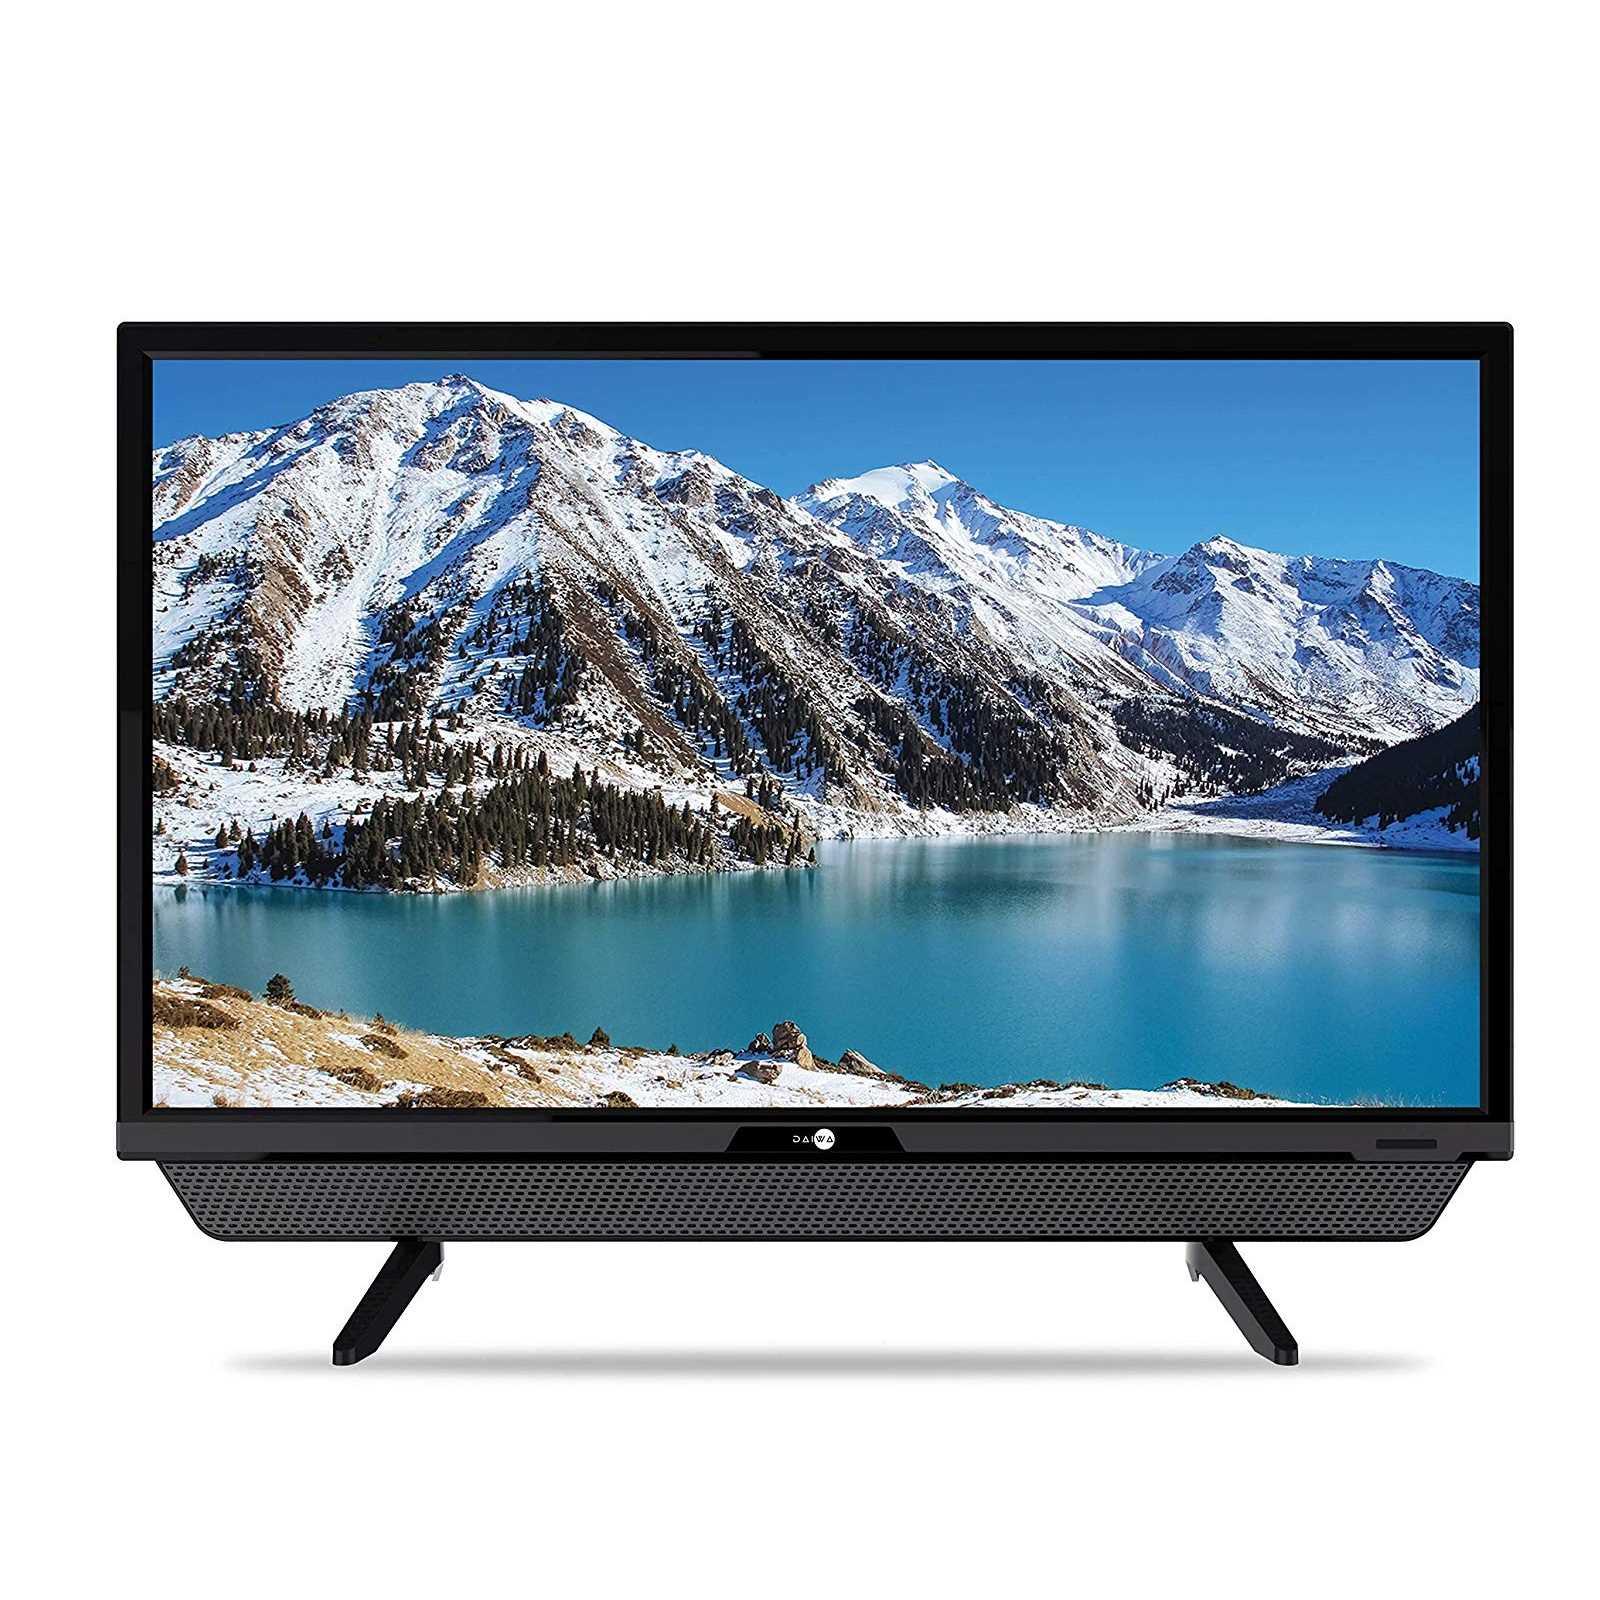 Daiwa D26A10 24 Inch HD Ready LED Television